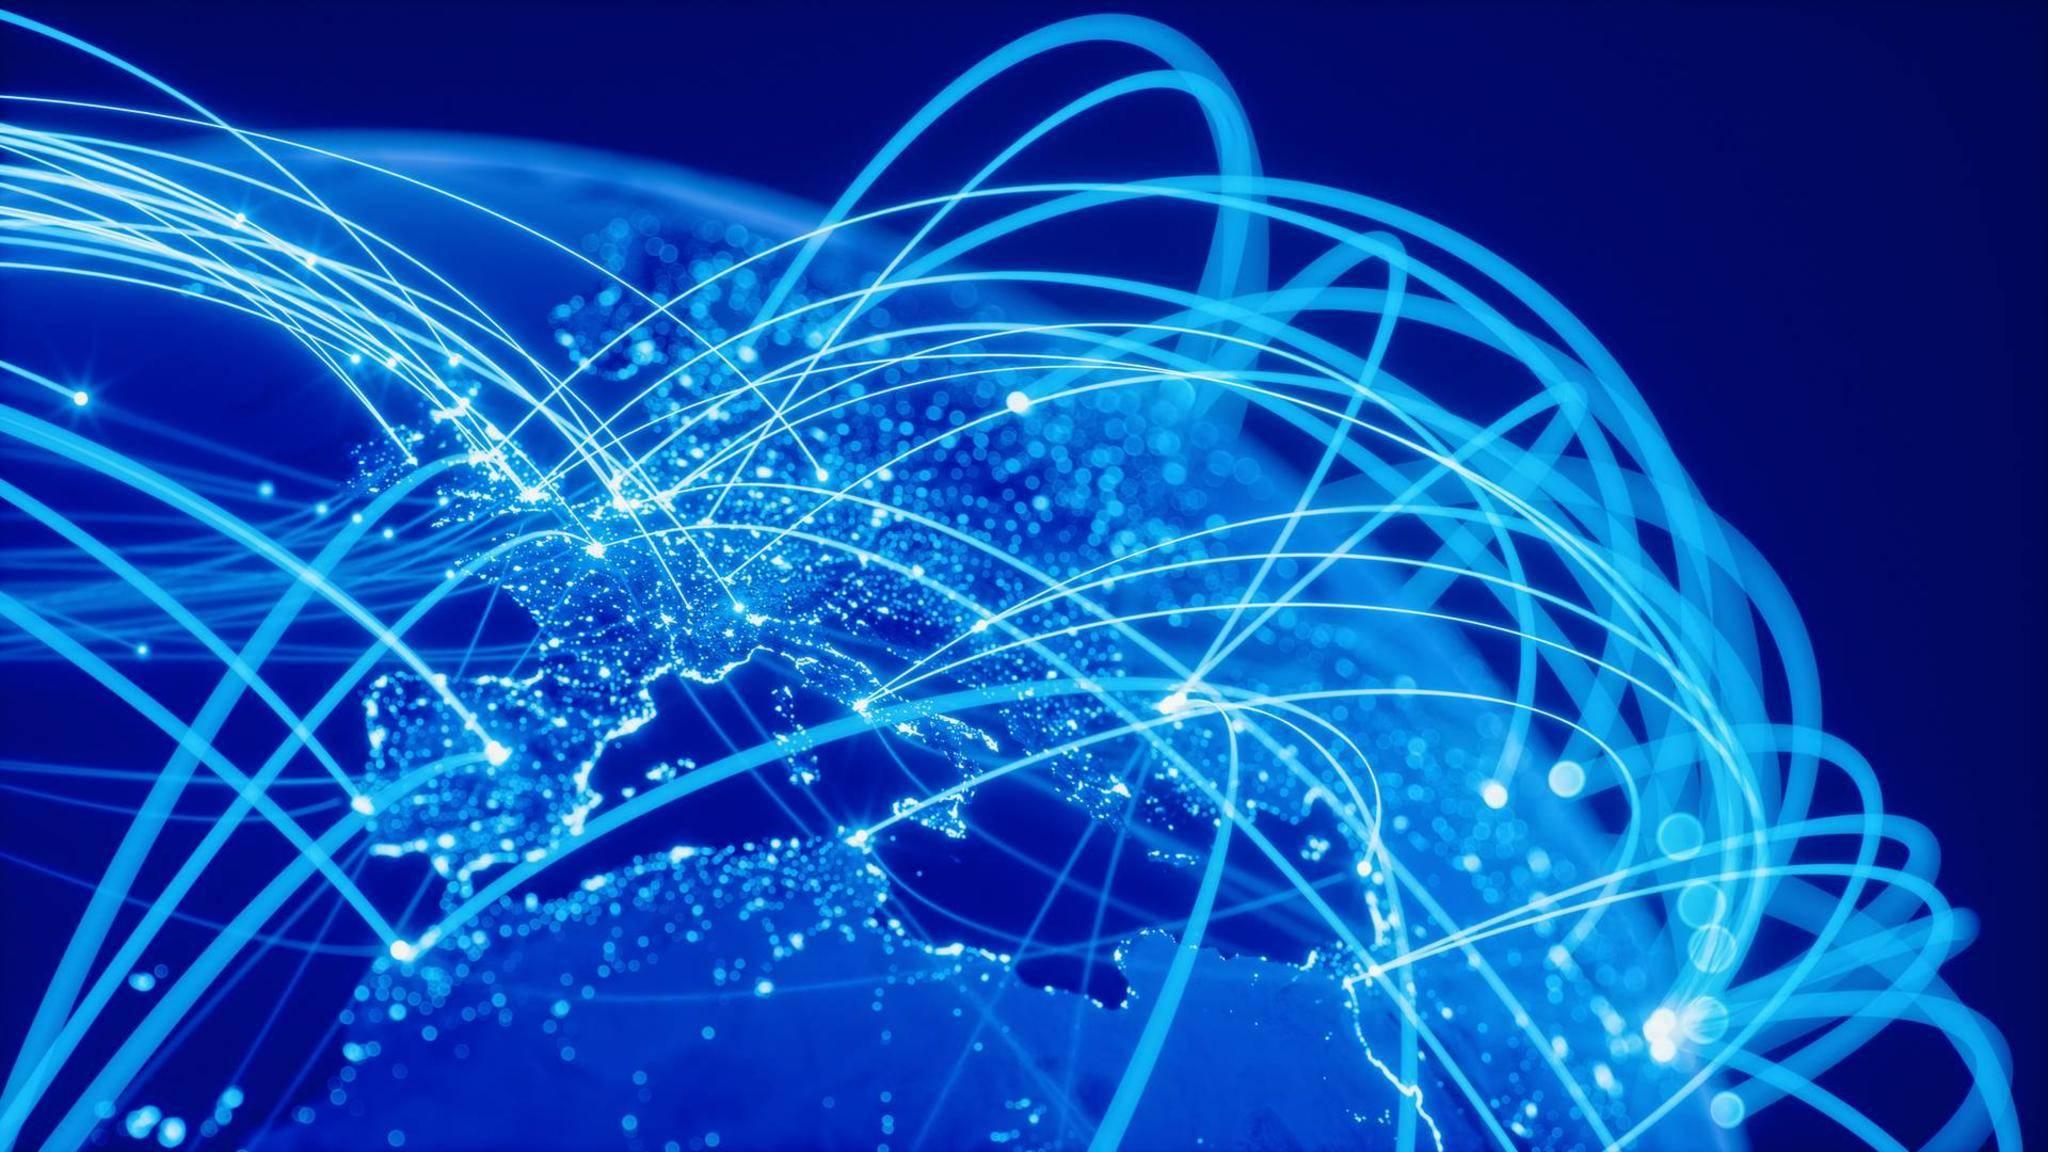 Das Internet verbindet die ganze Welt aber kaum jemand weiß, woher es kommt.